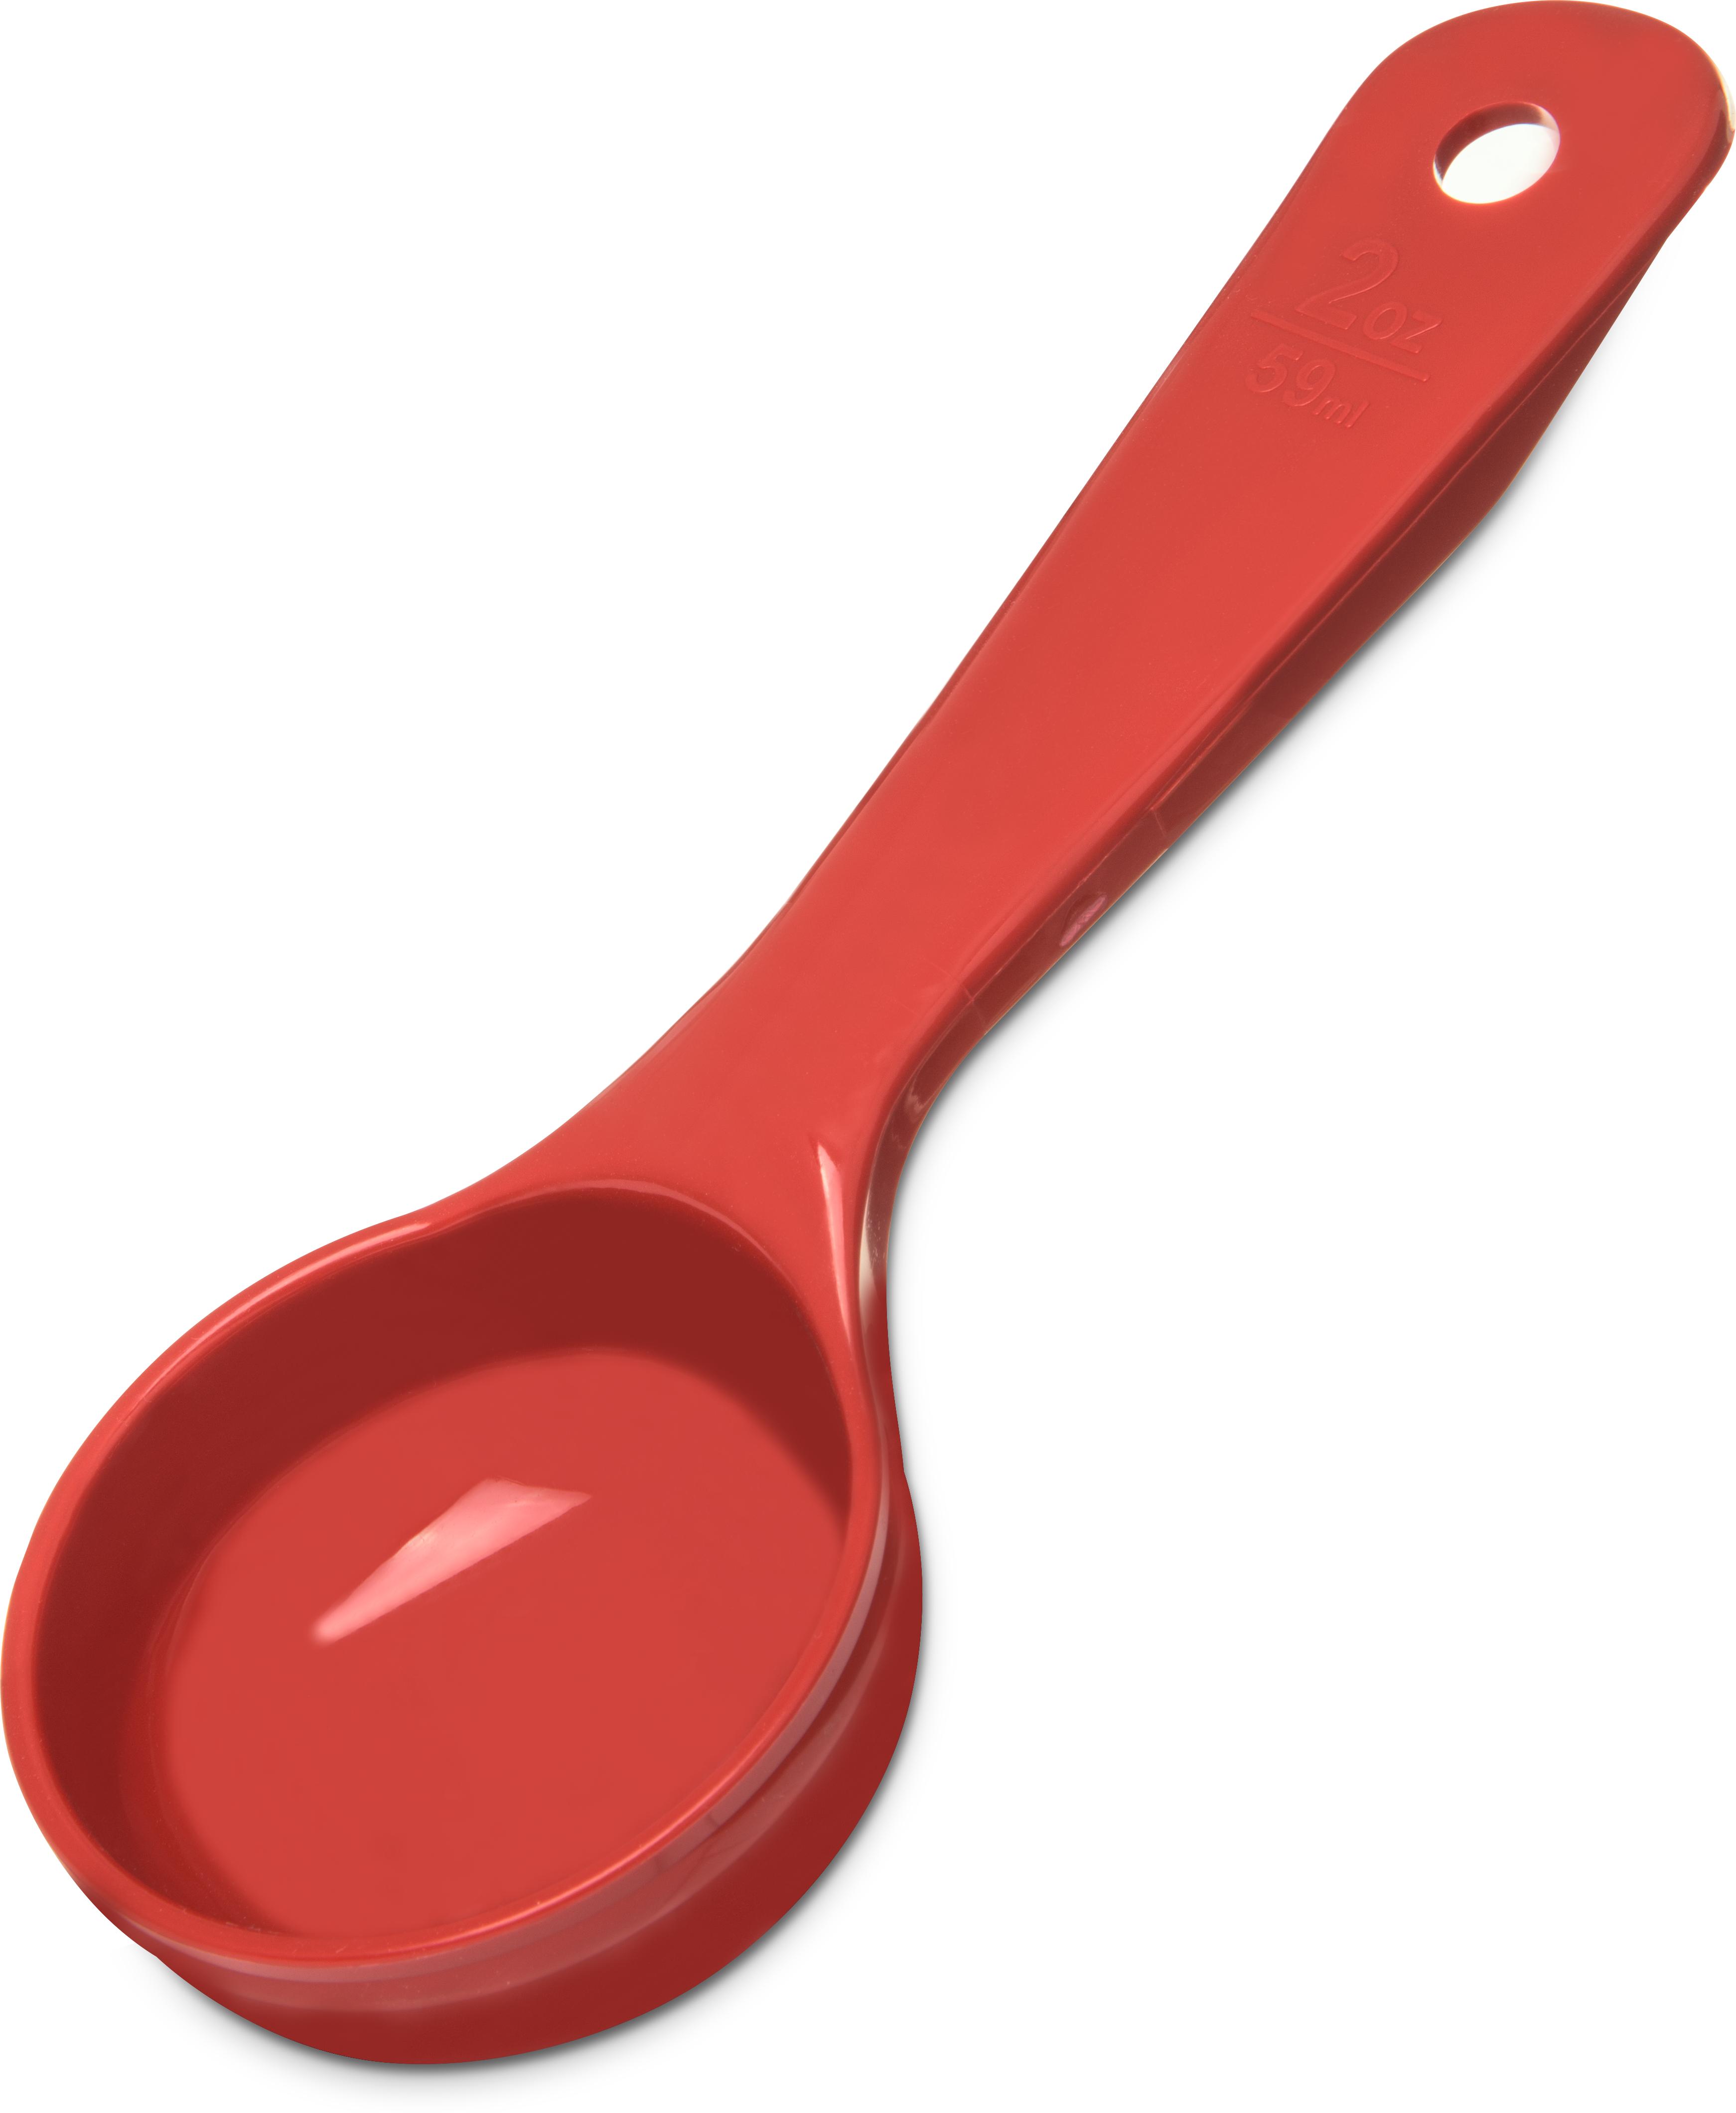 Measure Miser Solid Short Handle 2 oz - Red